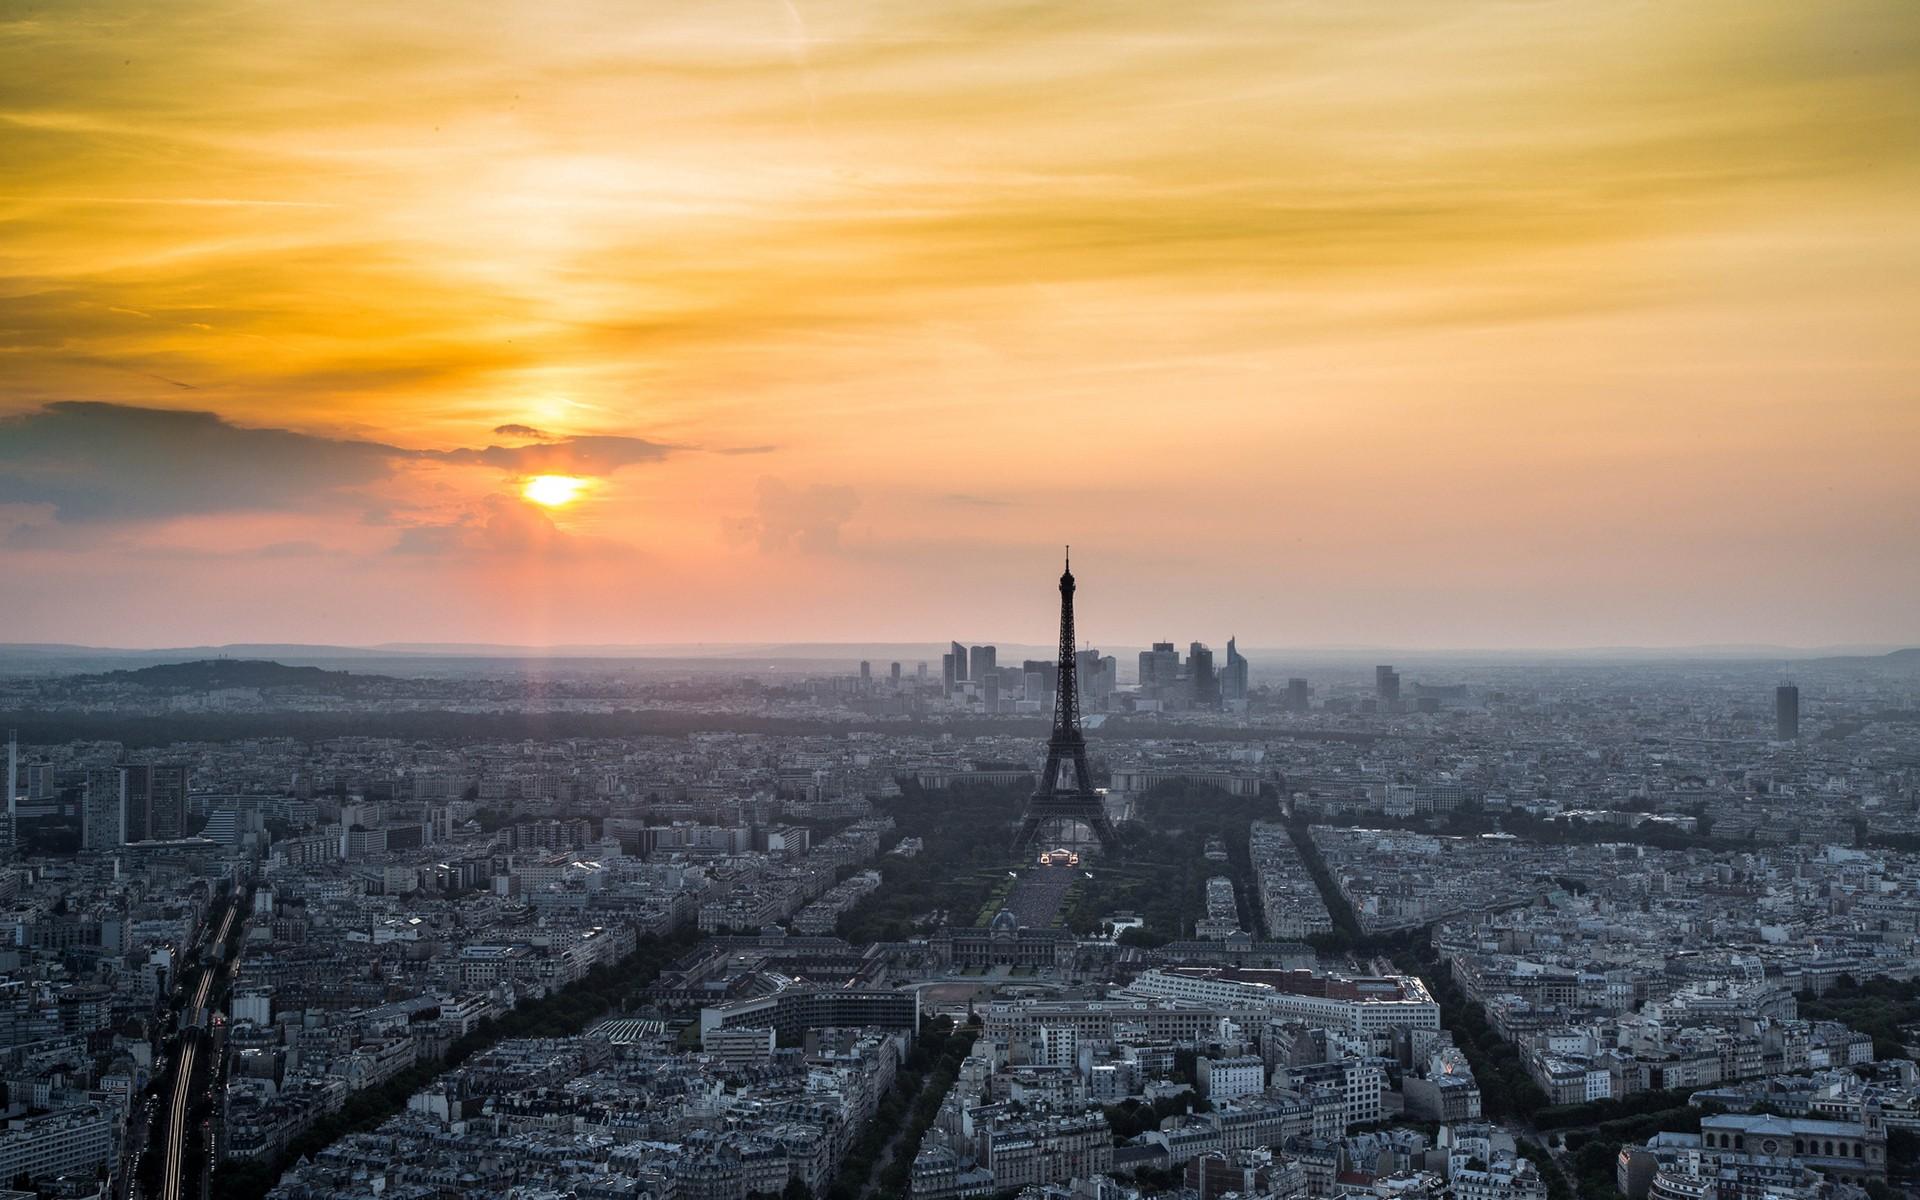 Hd wallpaper eiffel tower - Man Made Eiffel Tower Wallpaper